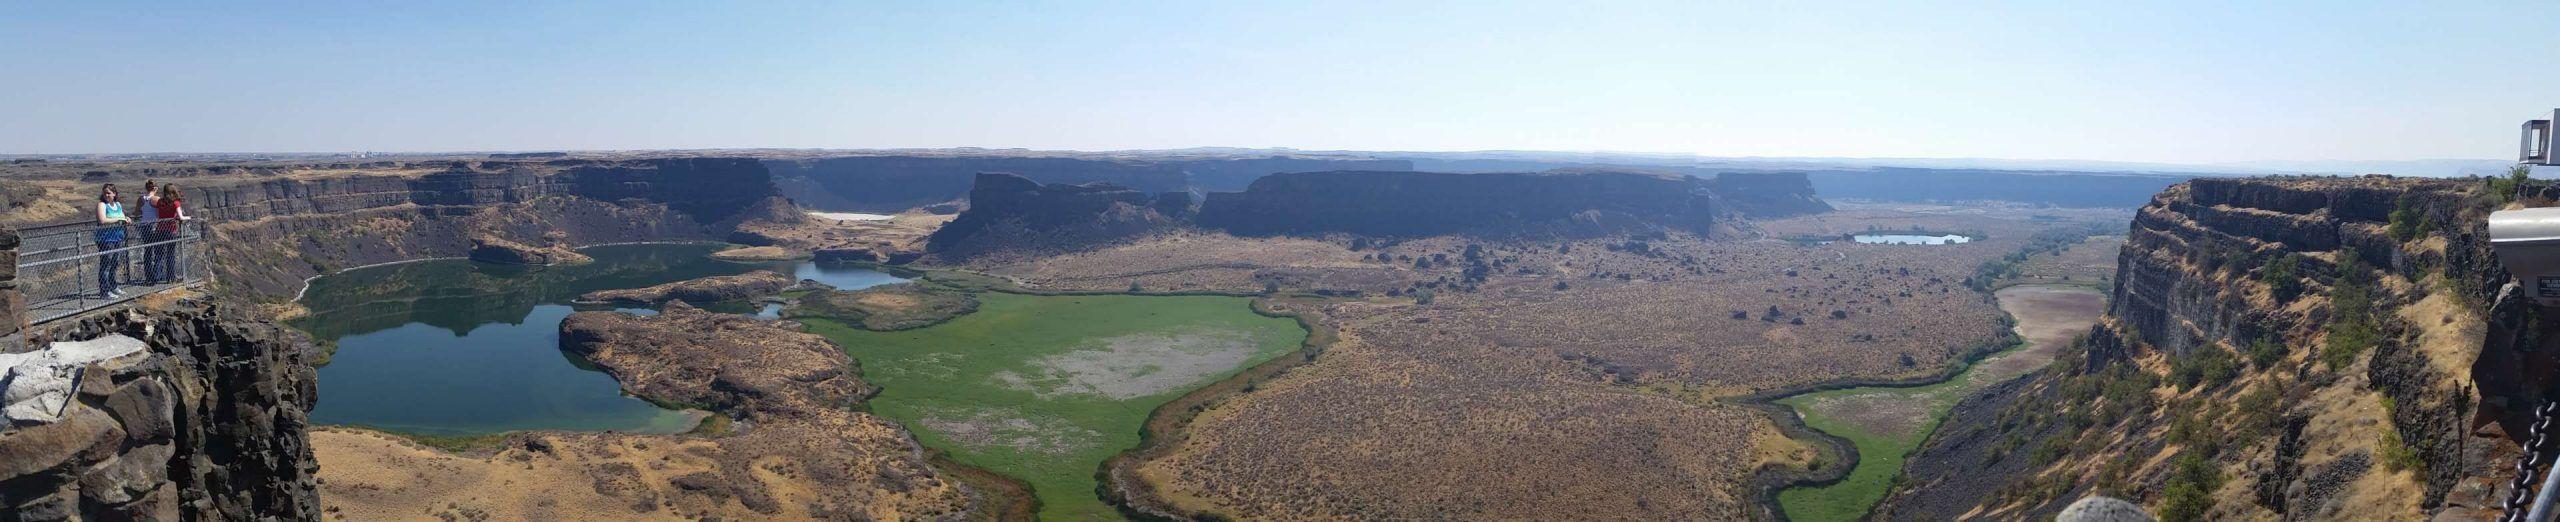 Photo of #canyon #daylight #dry falls #geology #hill #horizontal